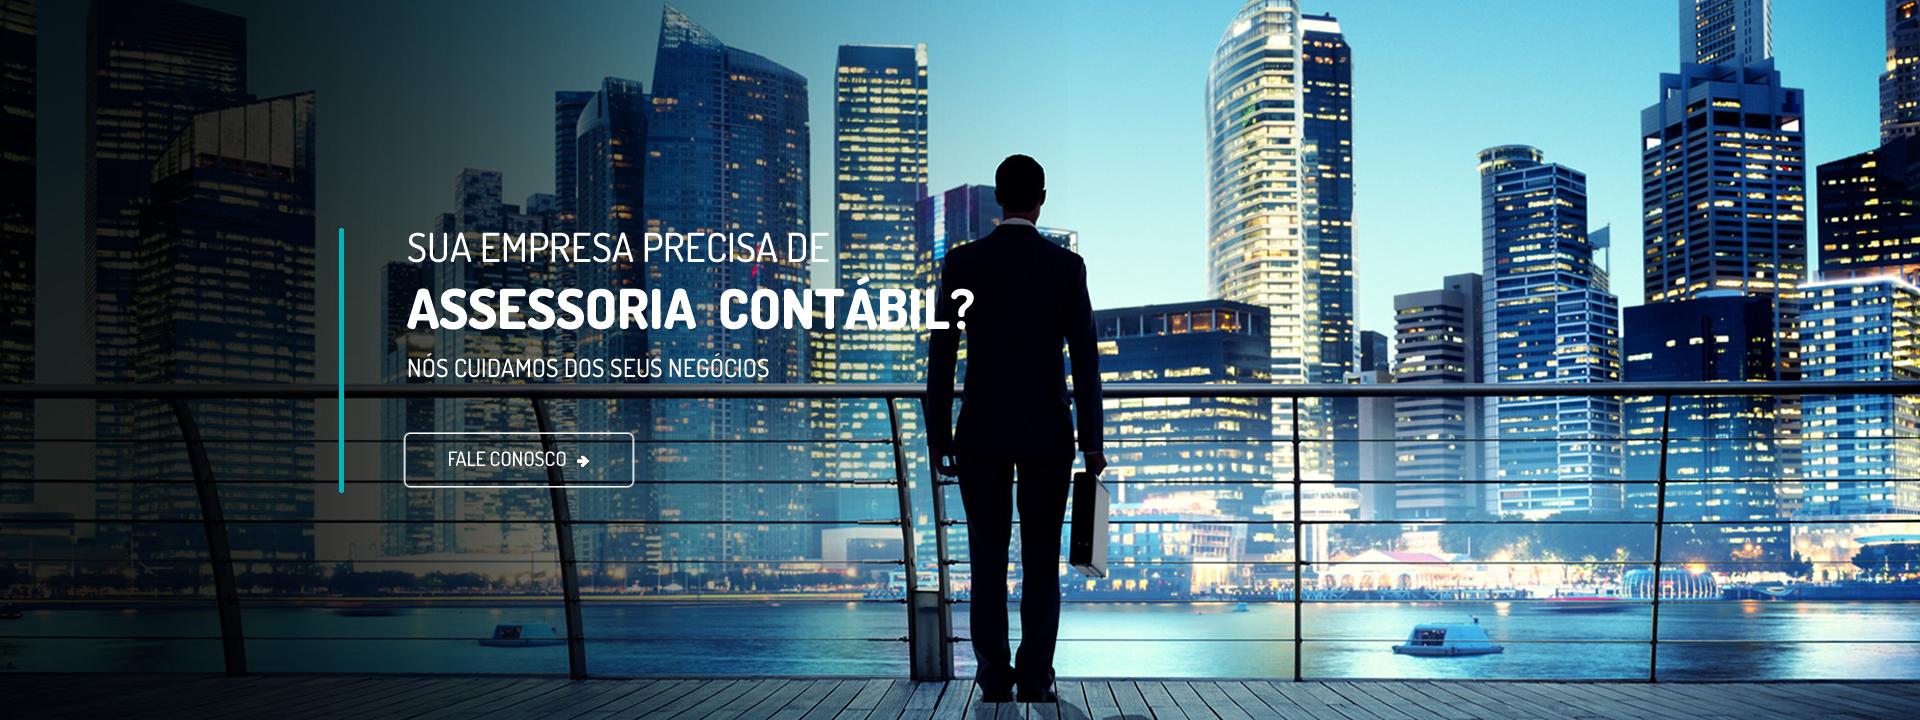 [Sua empresa precisa de Assessoria Contábil? Nós cuidamos dos seus Negócios]